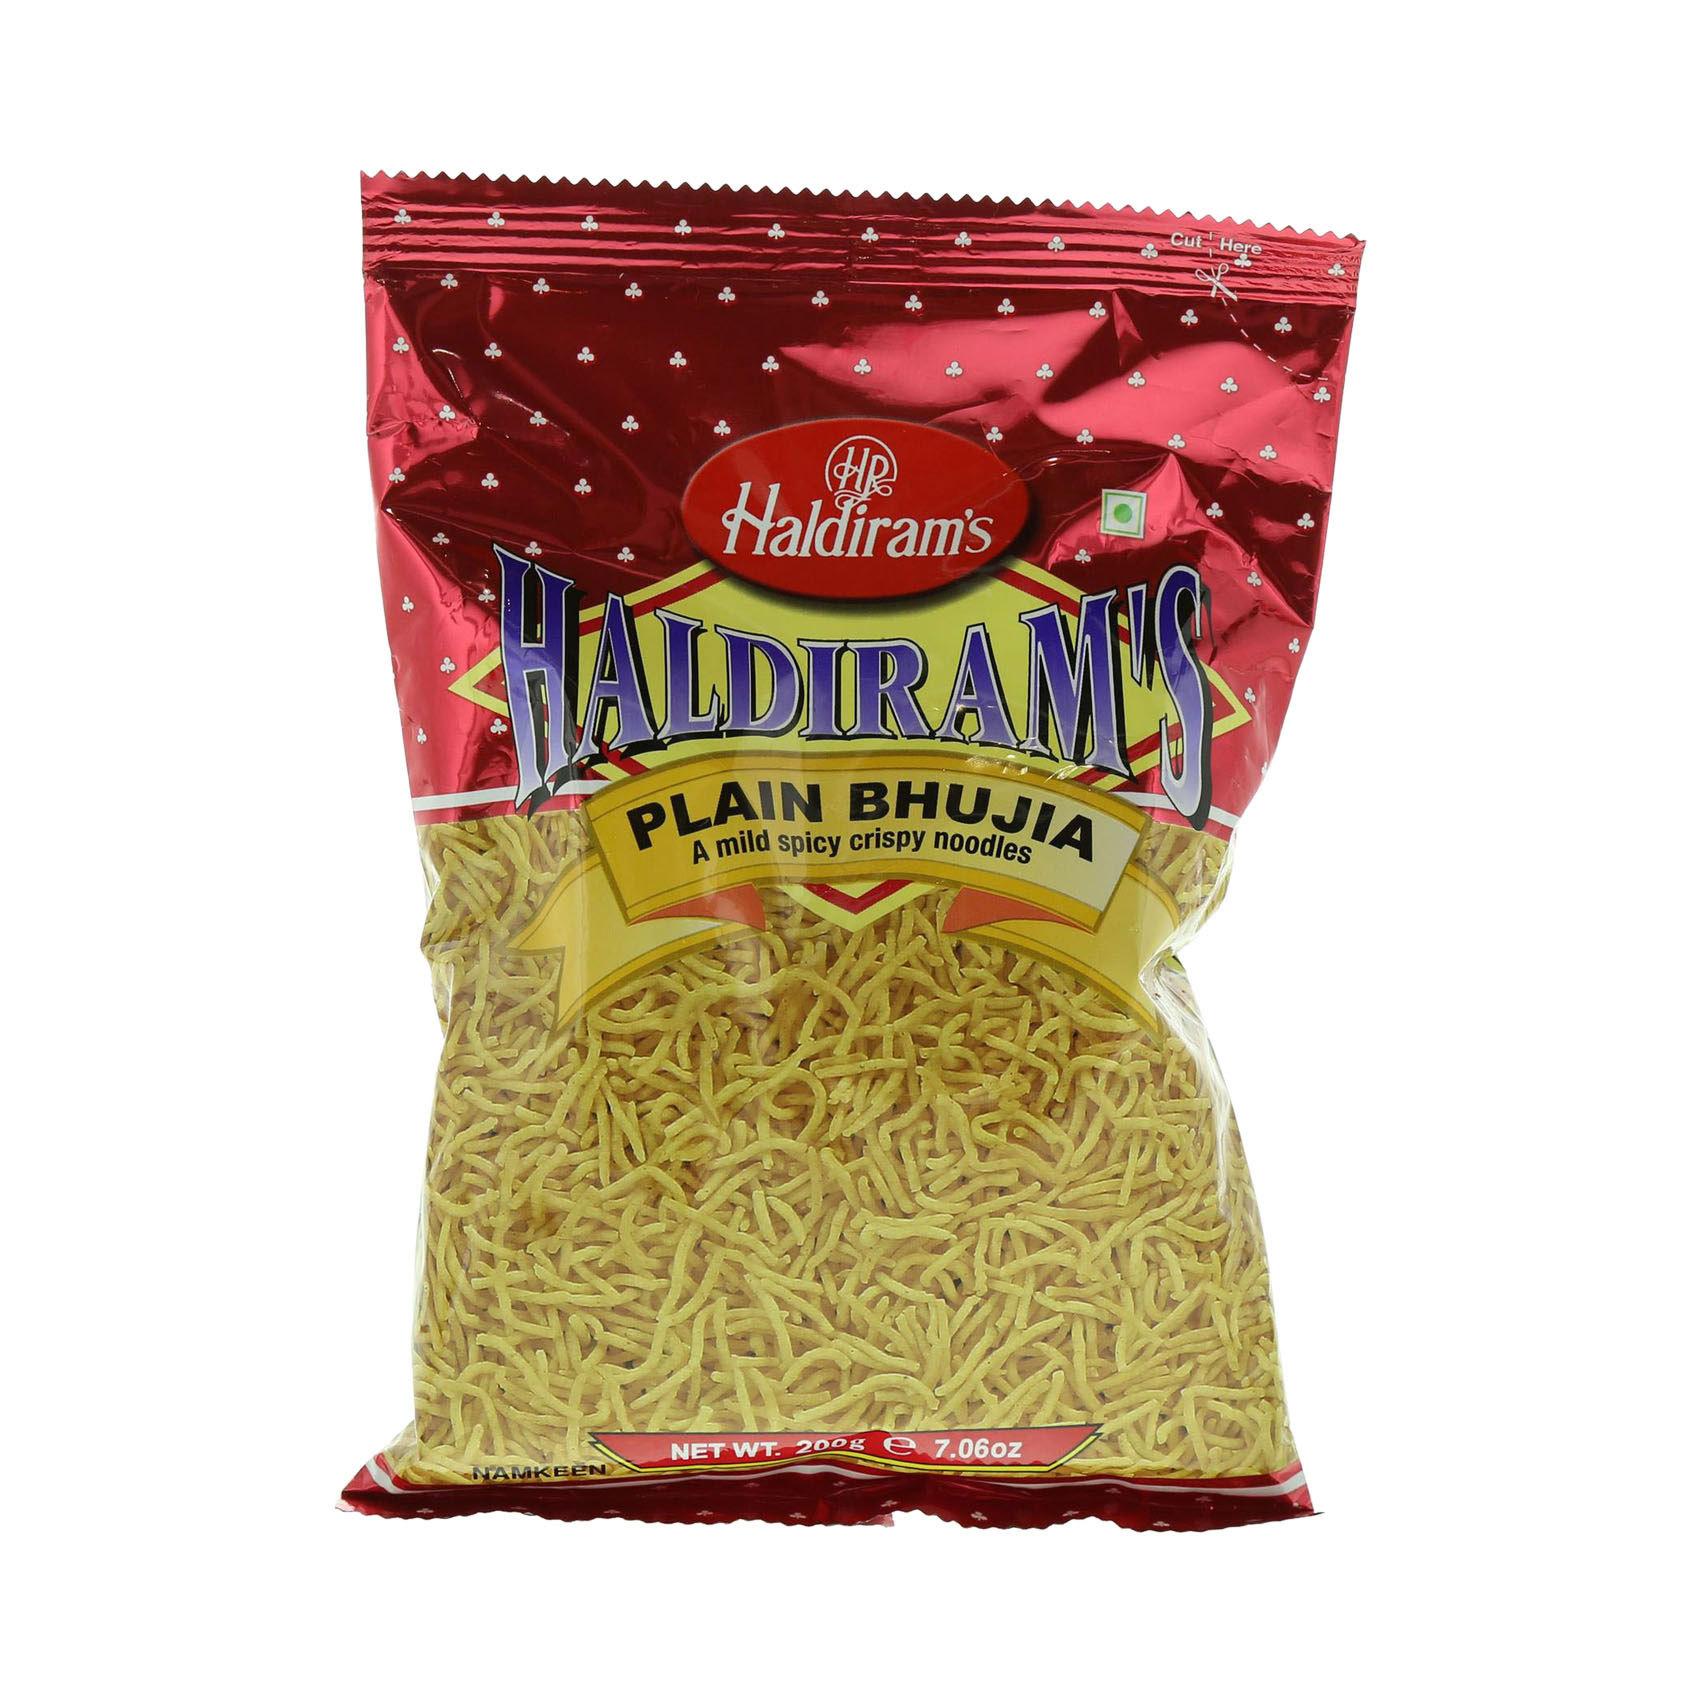 HALDIRAM'S PLAIN BHUJIA 200G